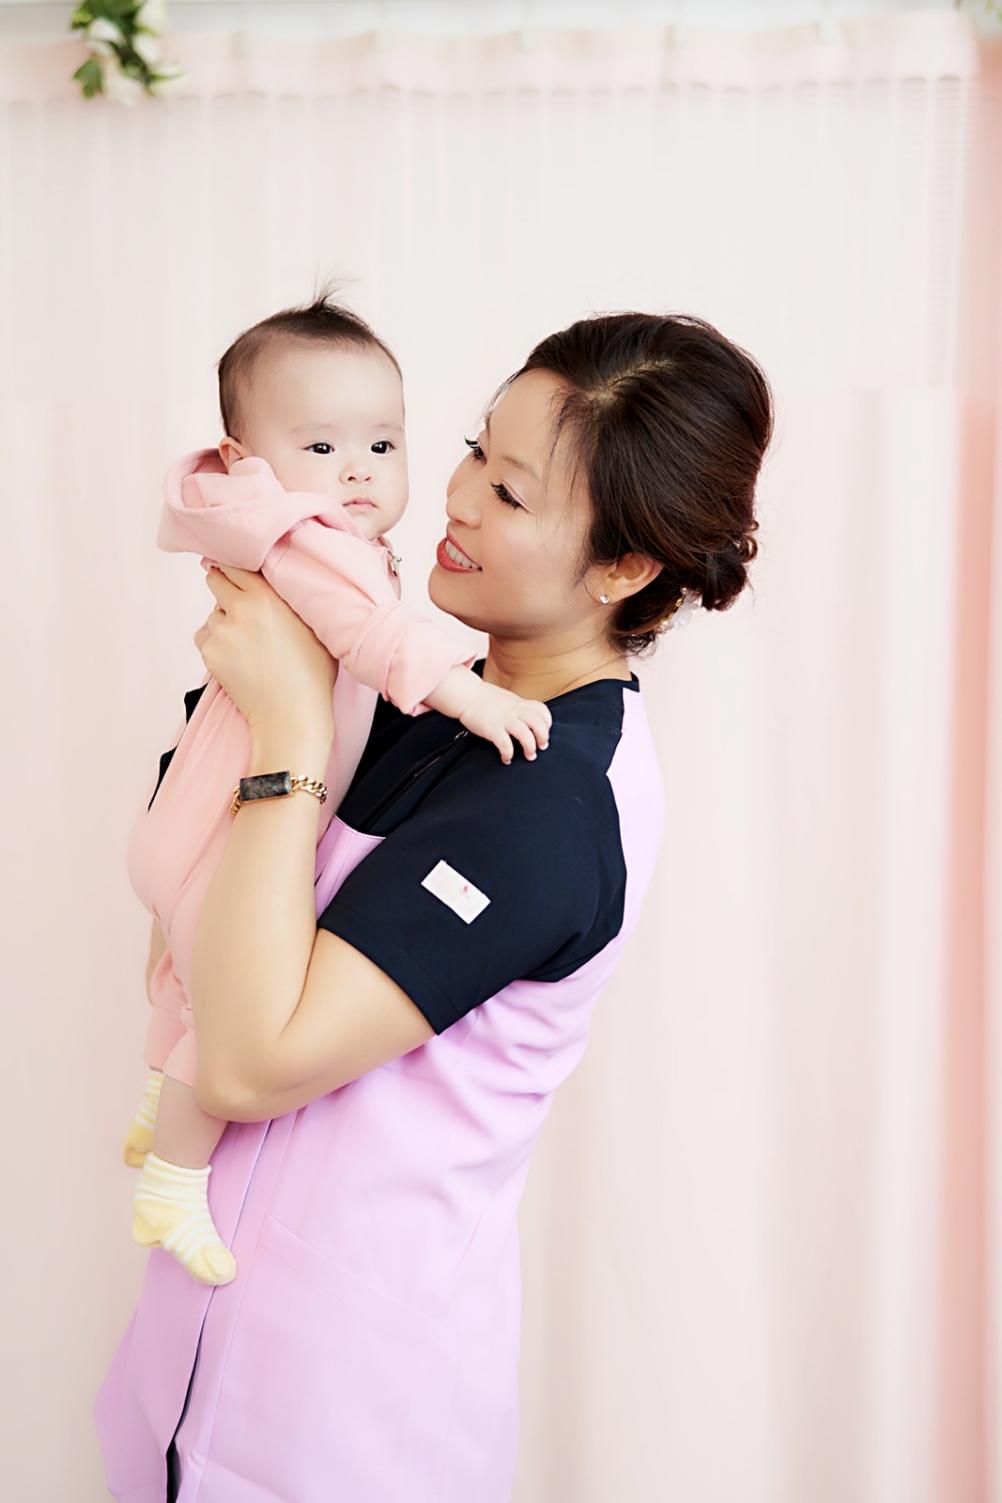 赤ちゃんにほほえみかける施術者